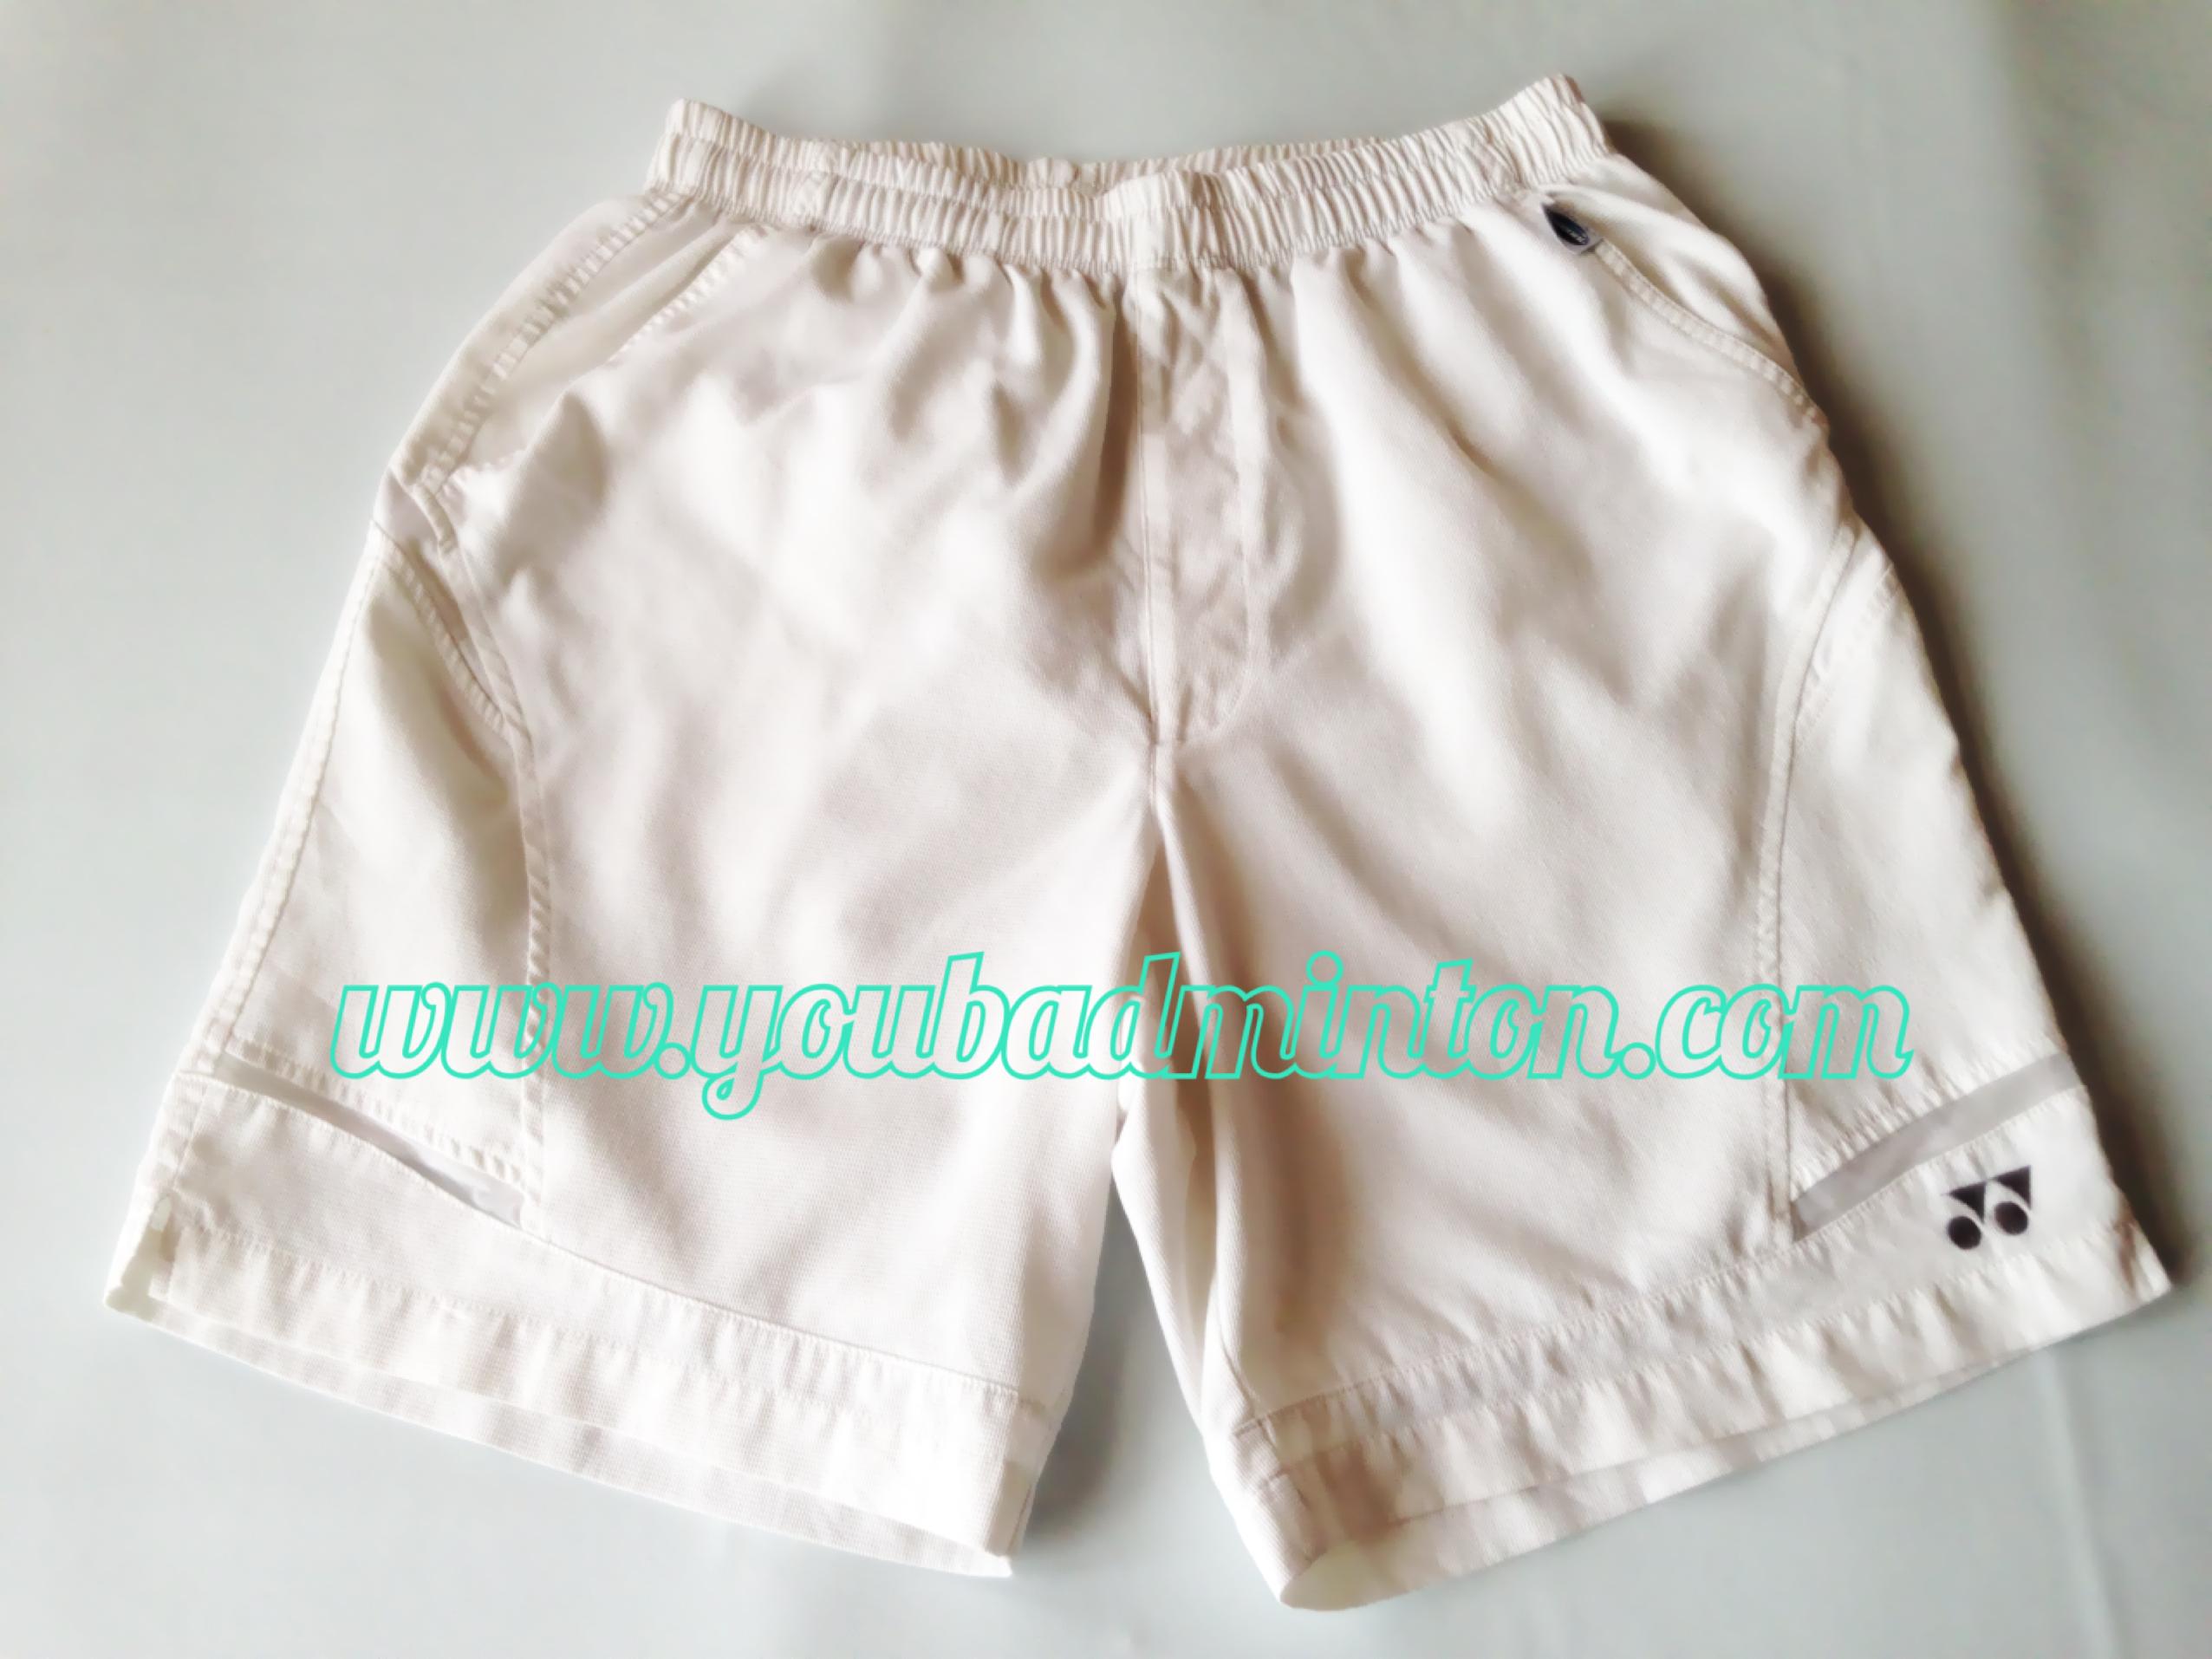 กางเกงขาสั้น Yonex สีขาว Verycool มือสองสภาพดี ของแท้ 100% (Made in Japan)